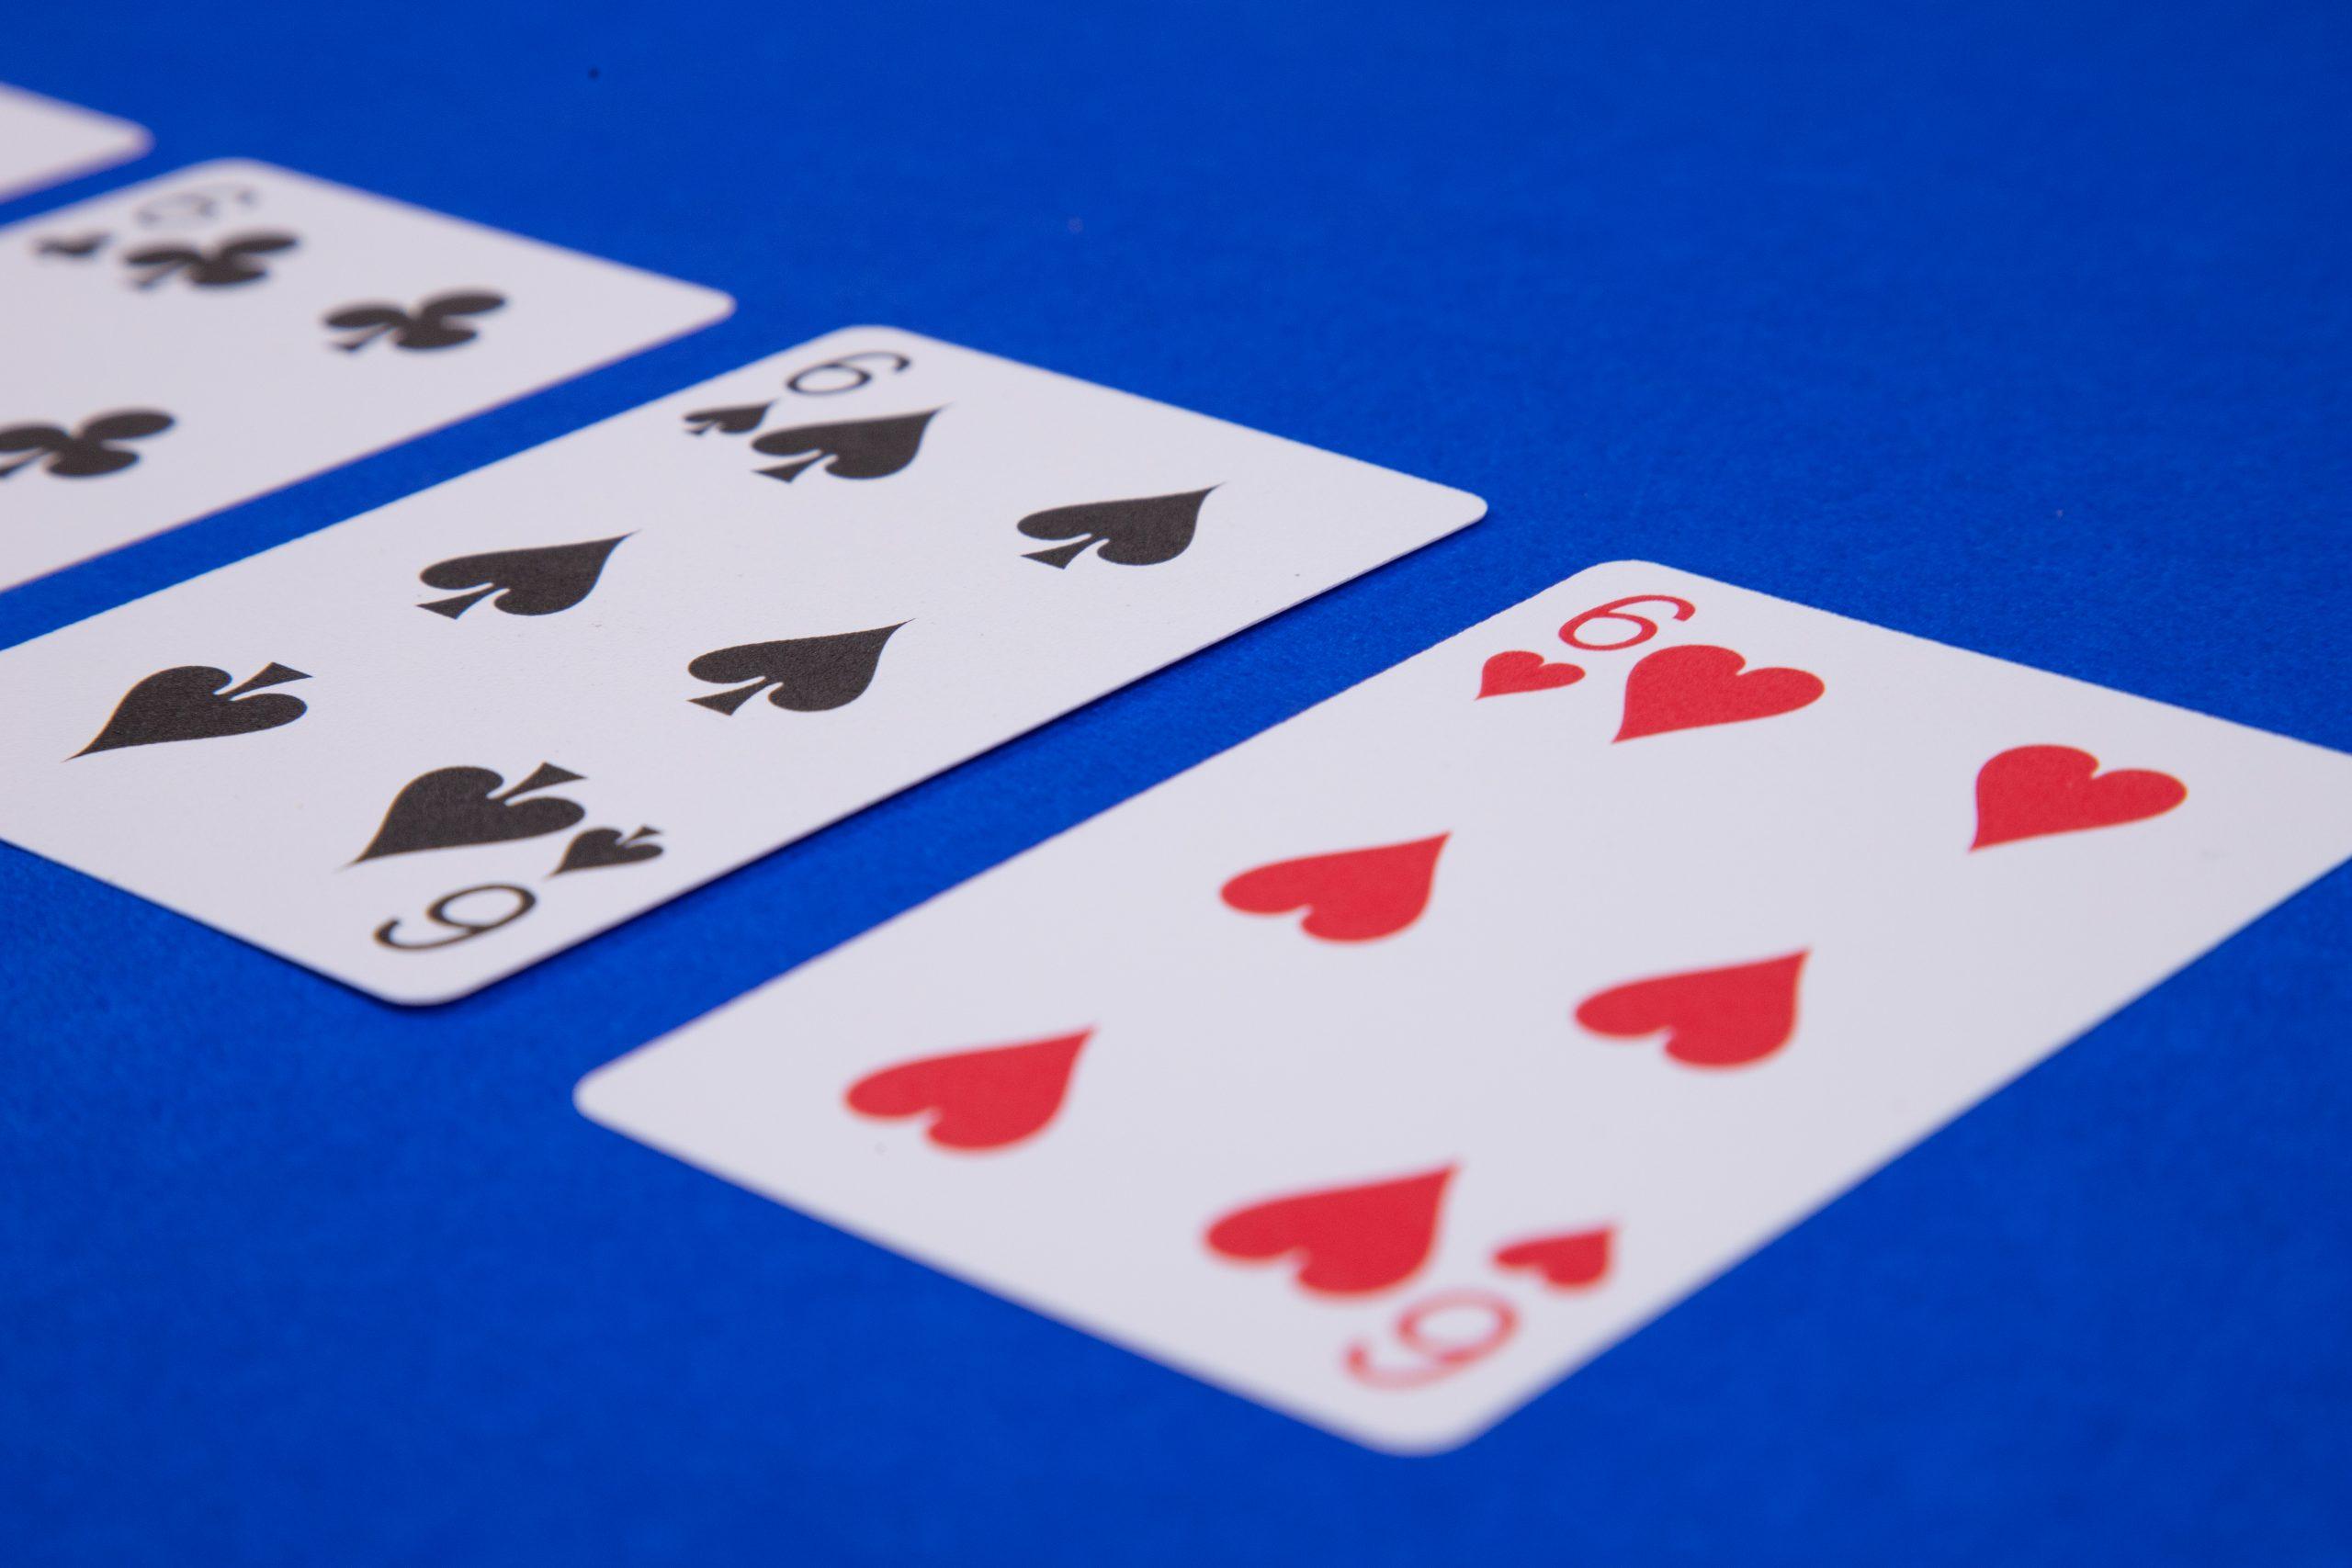 Six Card Closeup